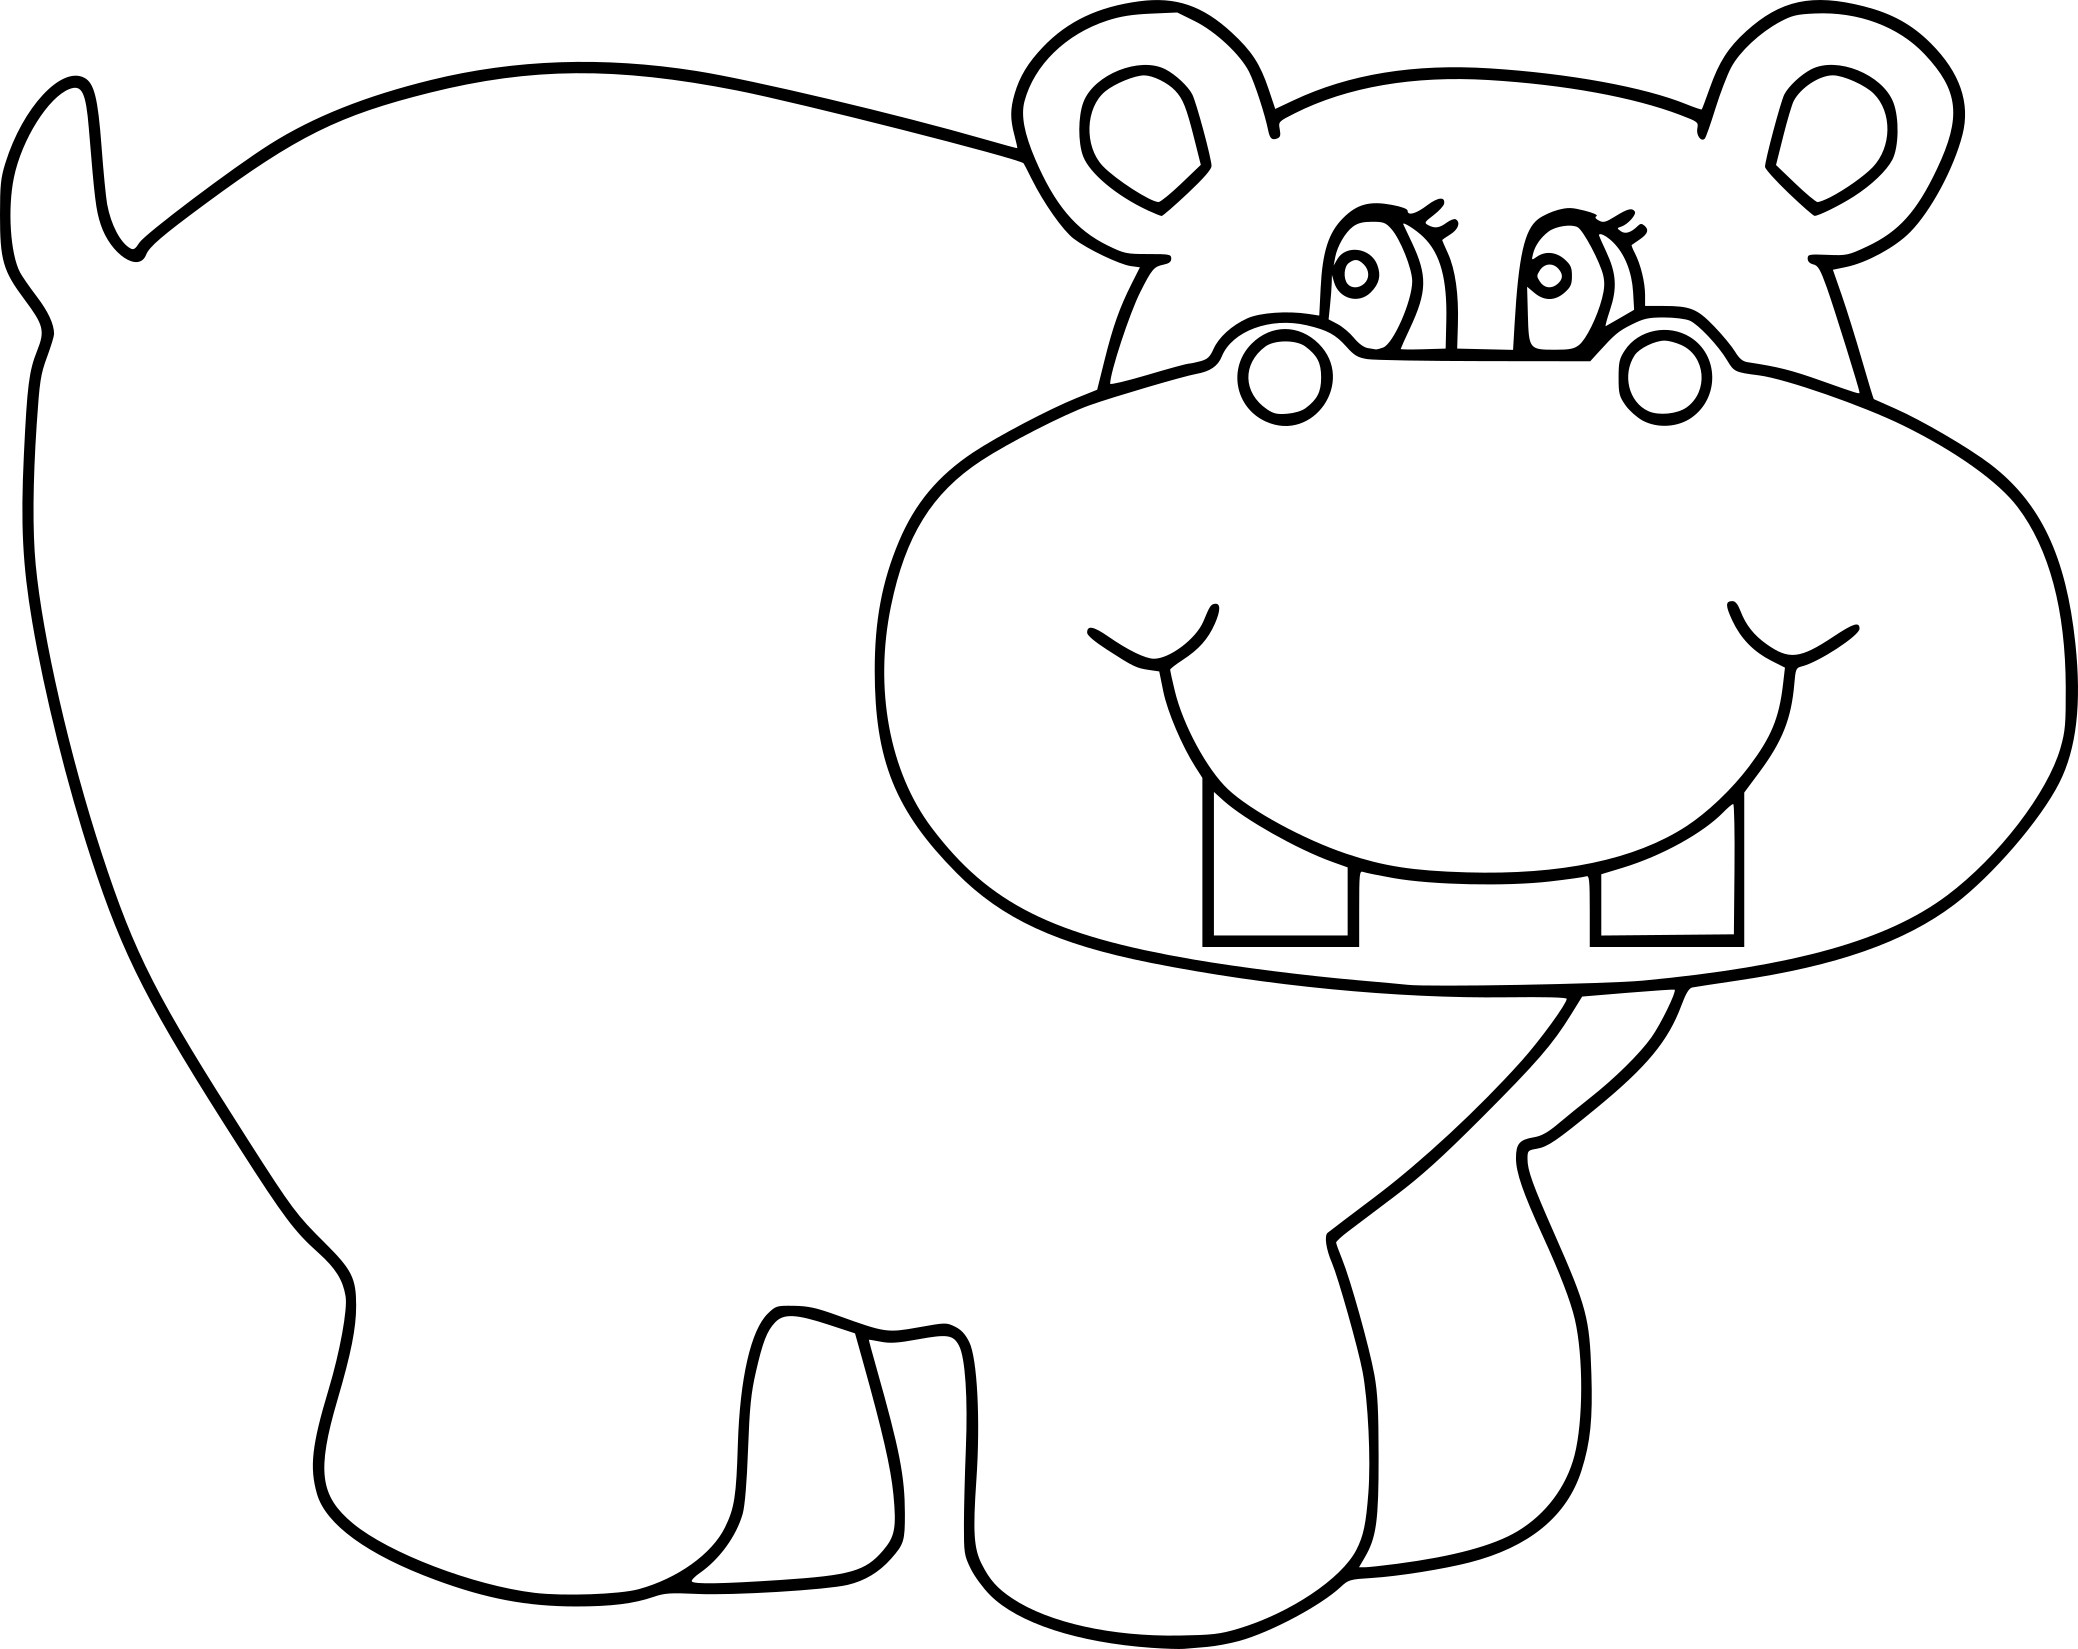 Coloriage Hippopotame Et Dessin à Imprimer